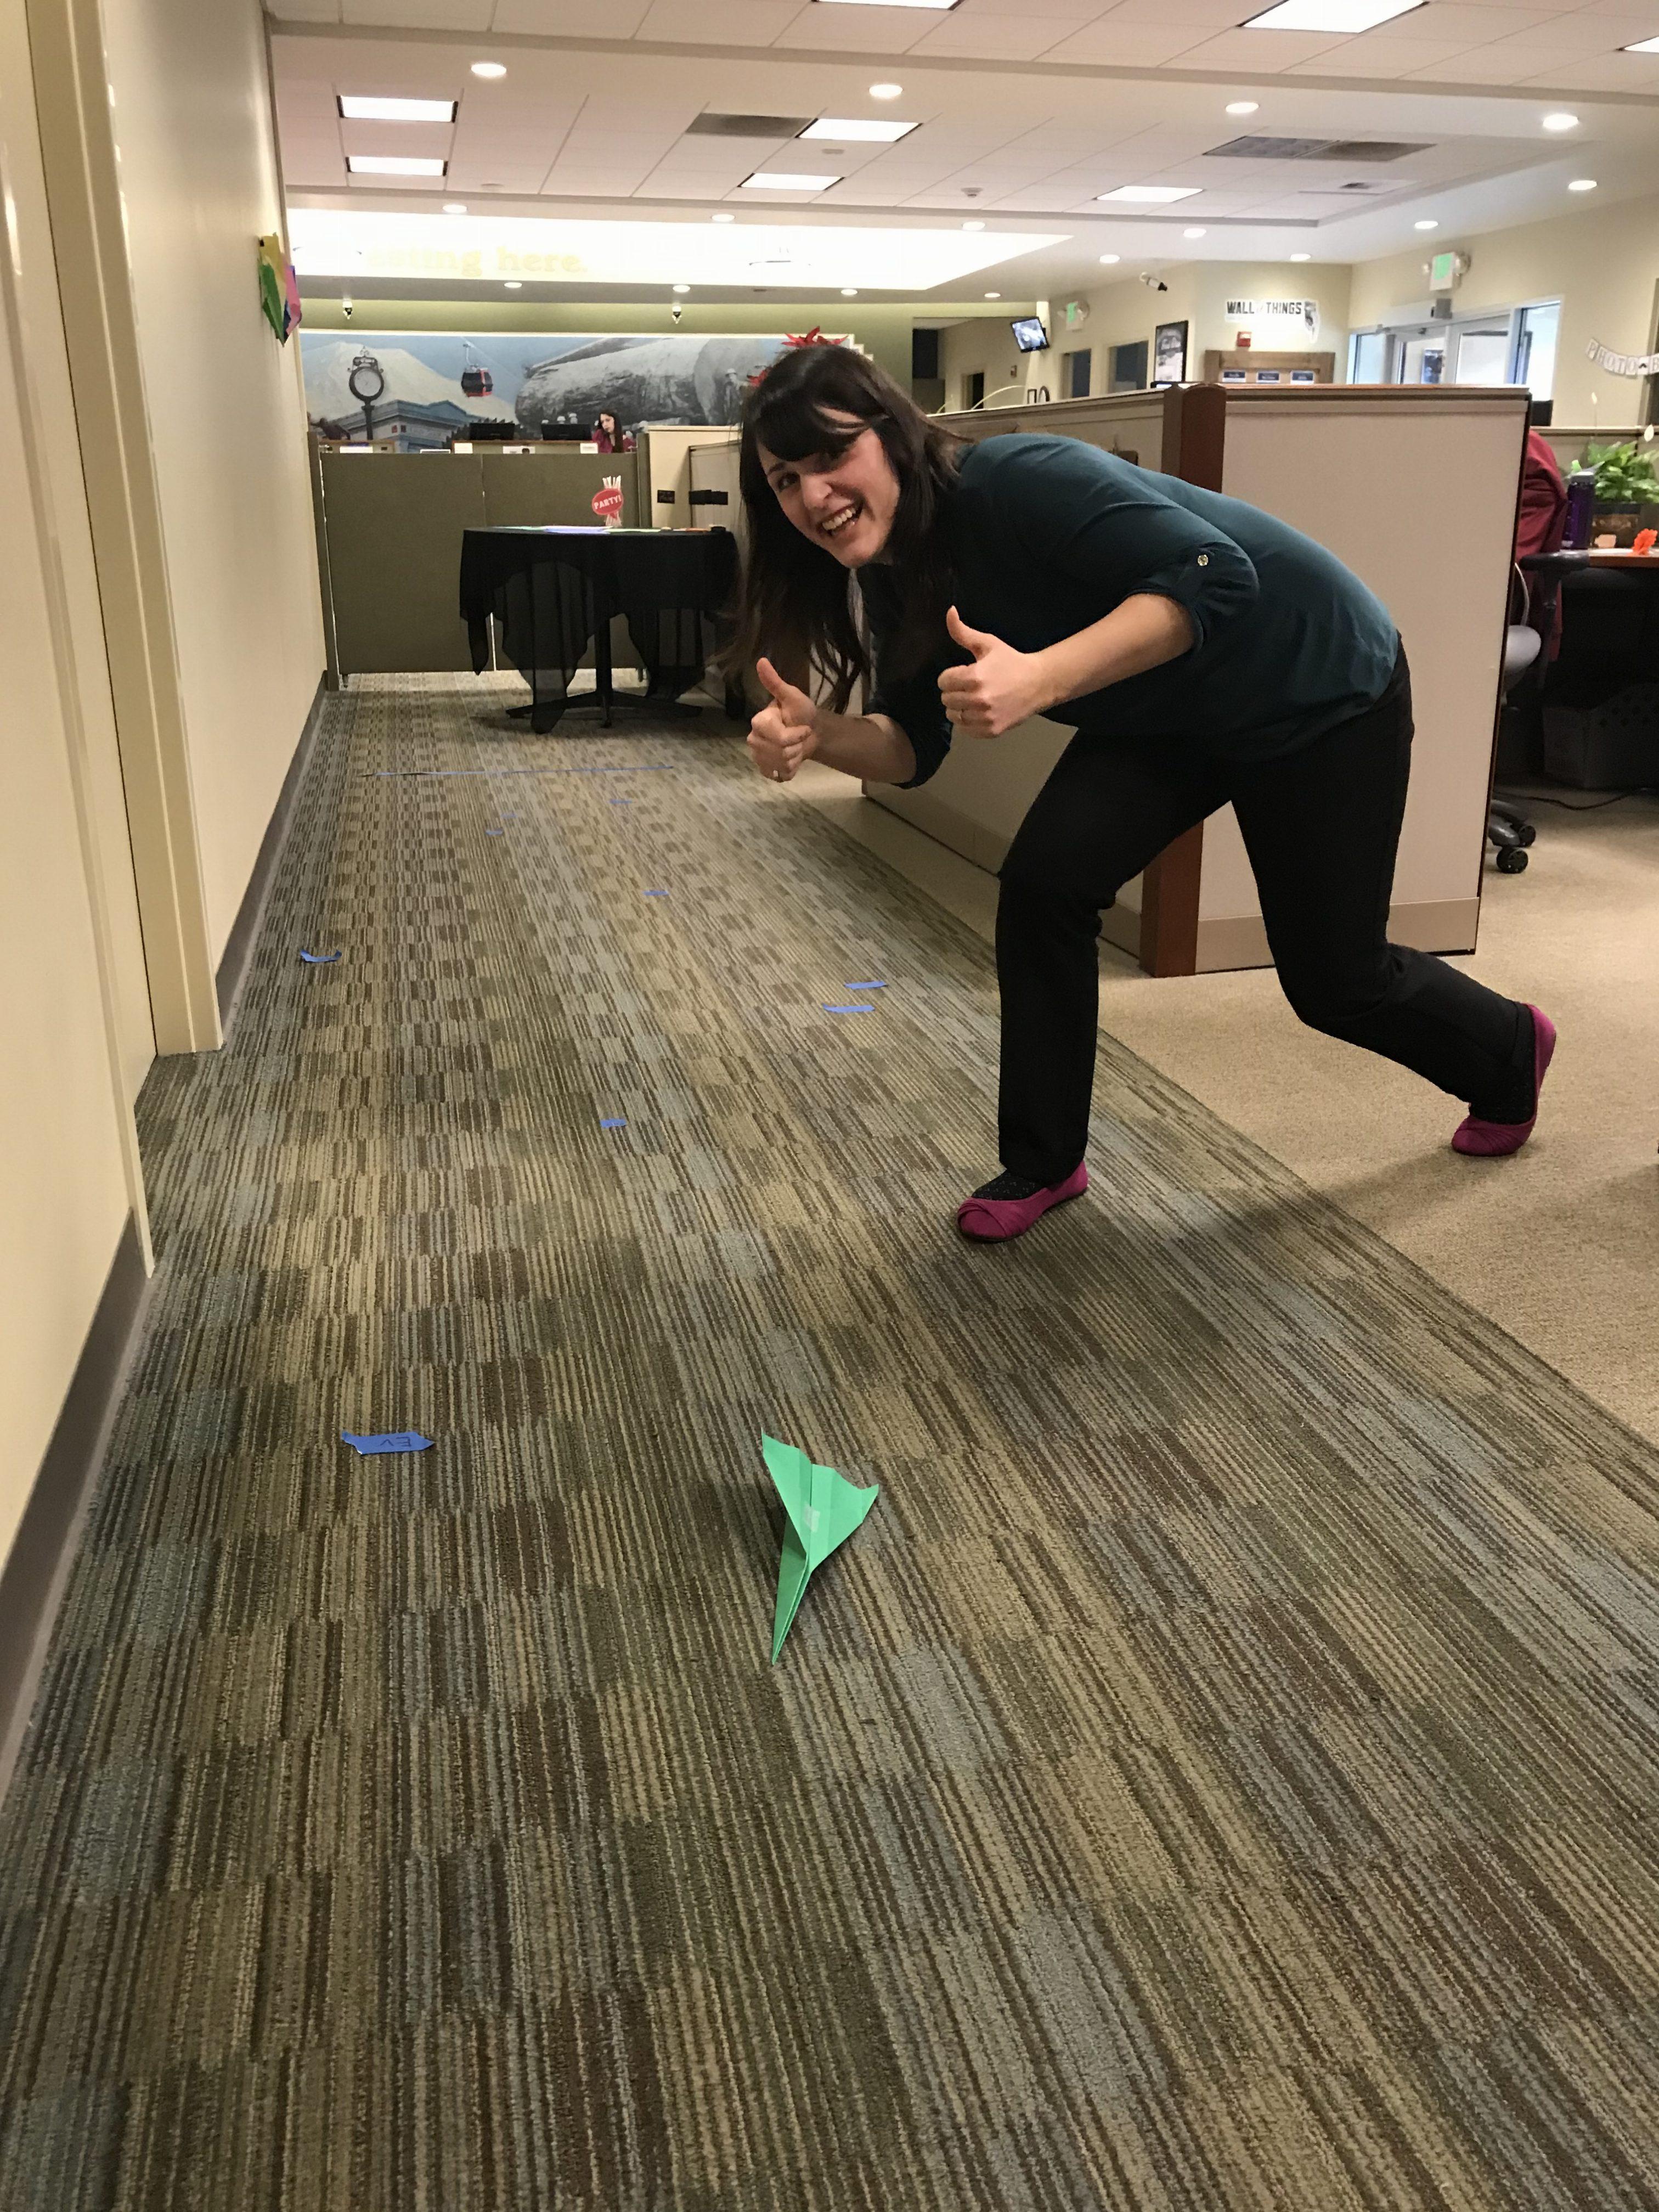 WRCU staff member throwing paper airplane